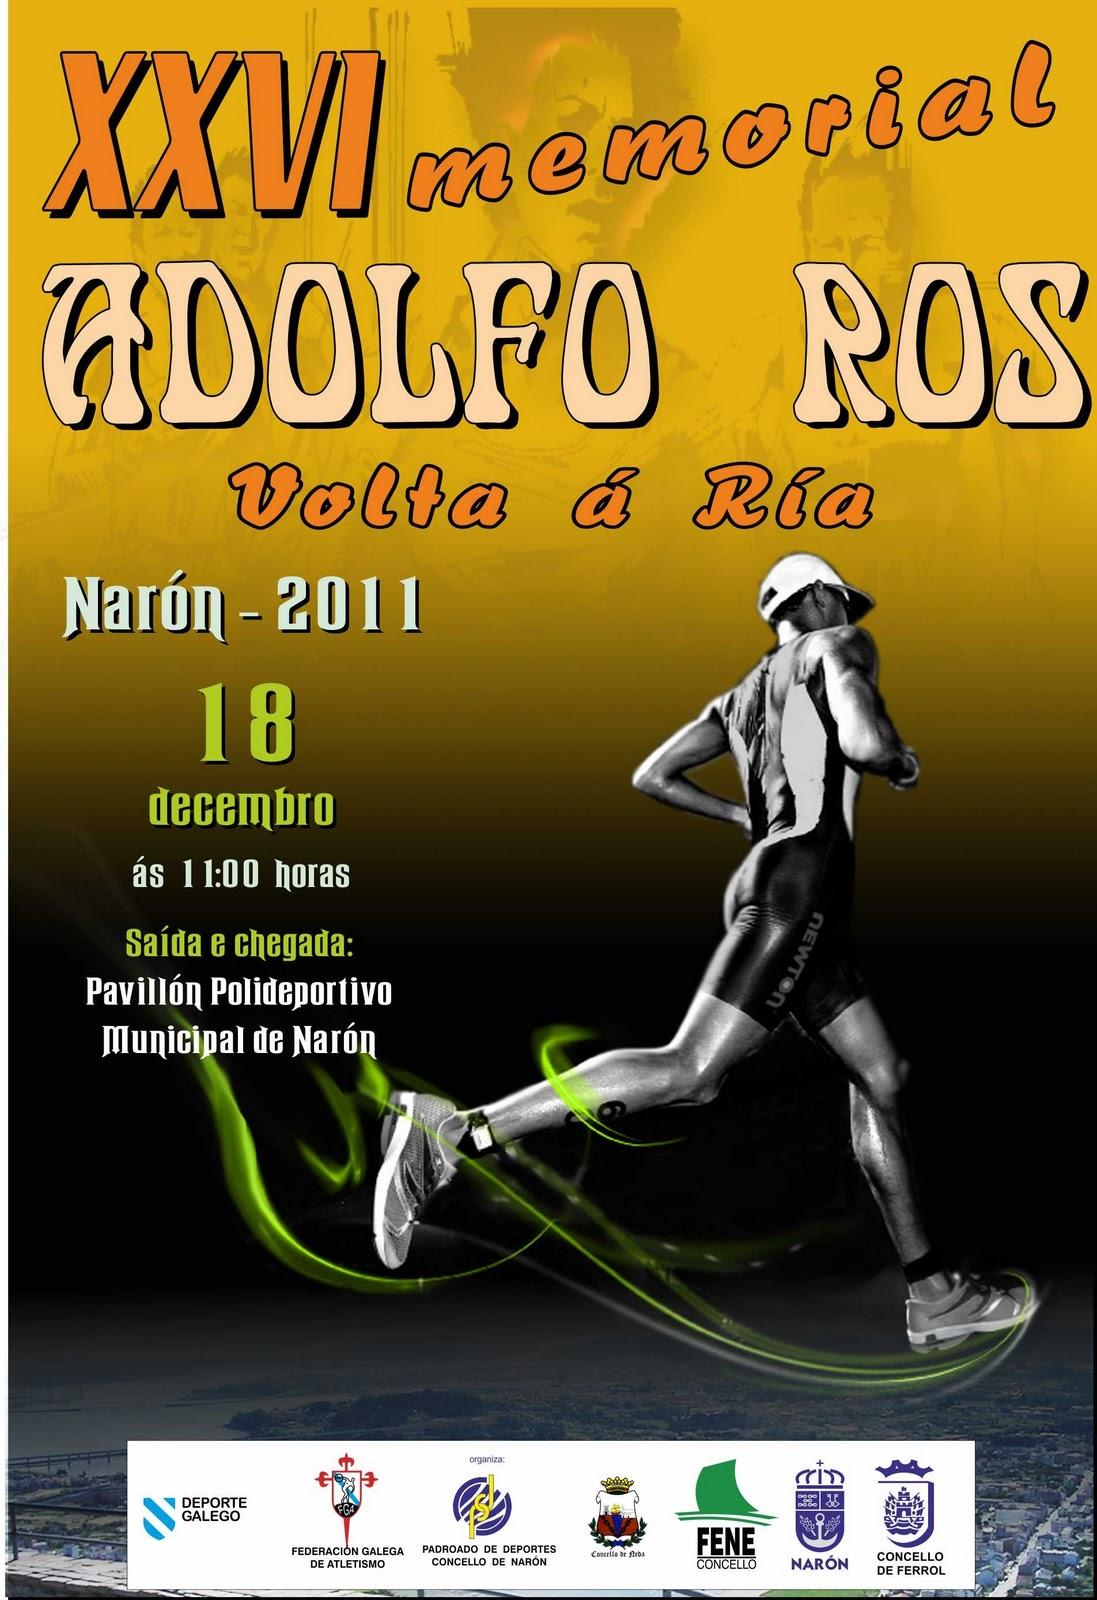 Contar con imágenes, pero en números romanos. - Página 2 11-12-18+XXVI+Memorial+Adolfo+Ros%255B1%255D